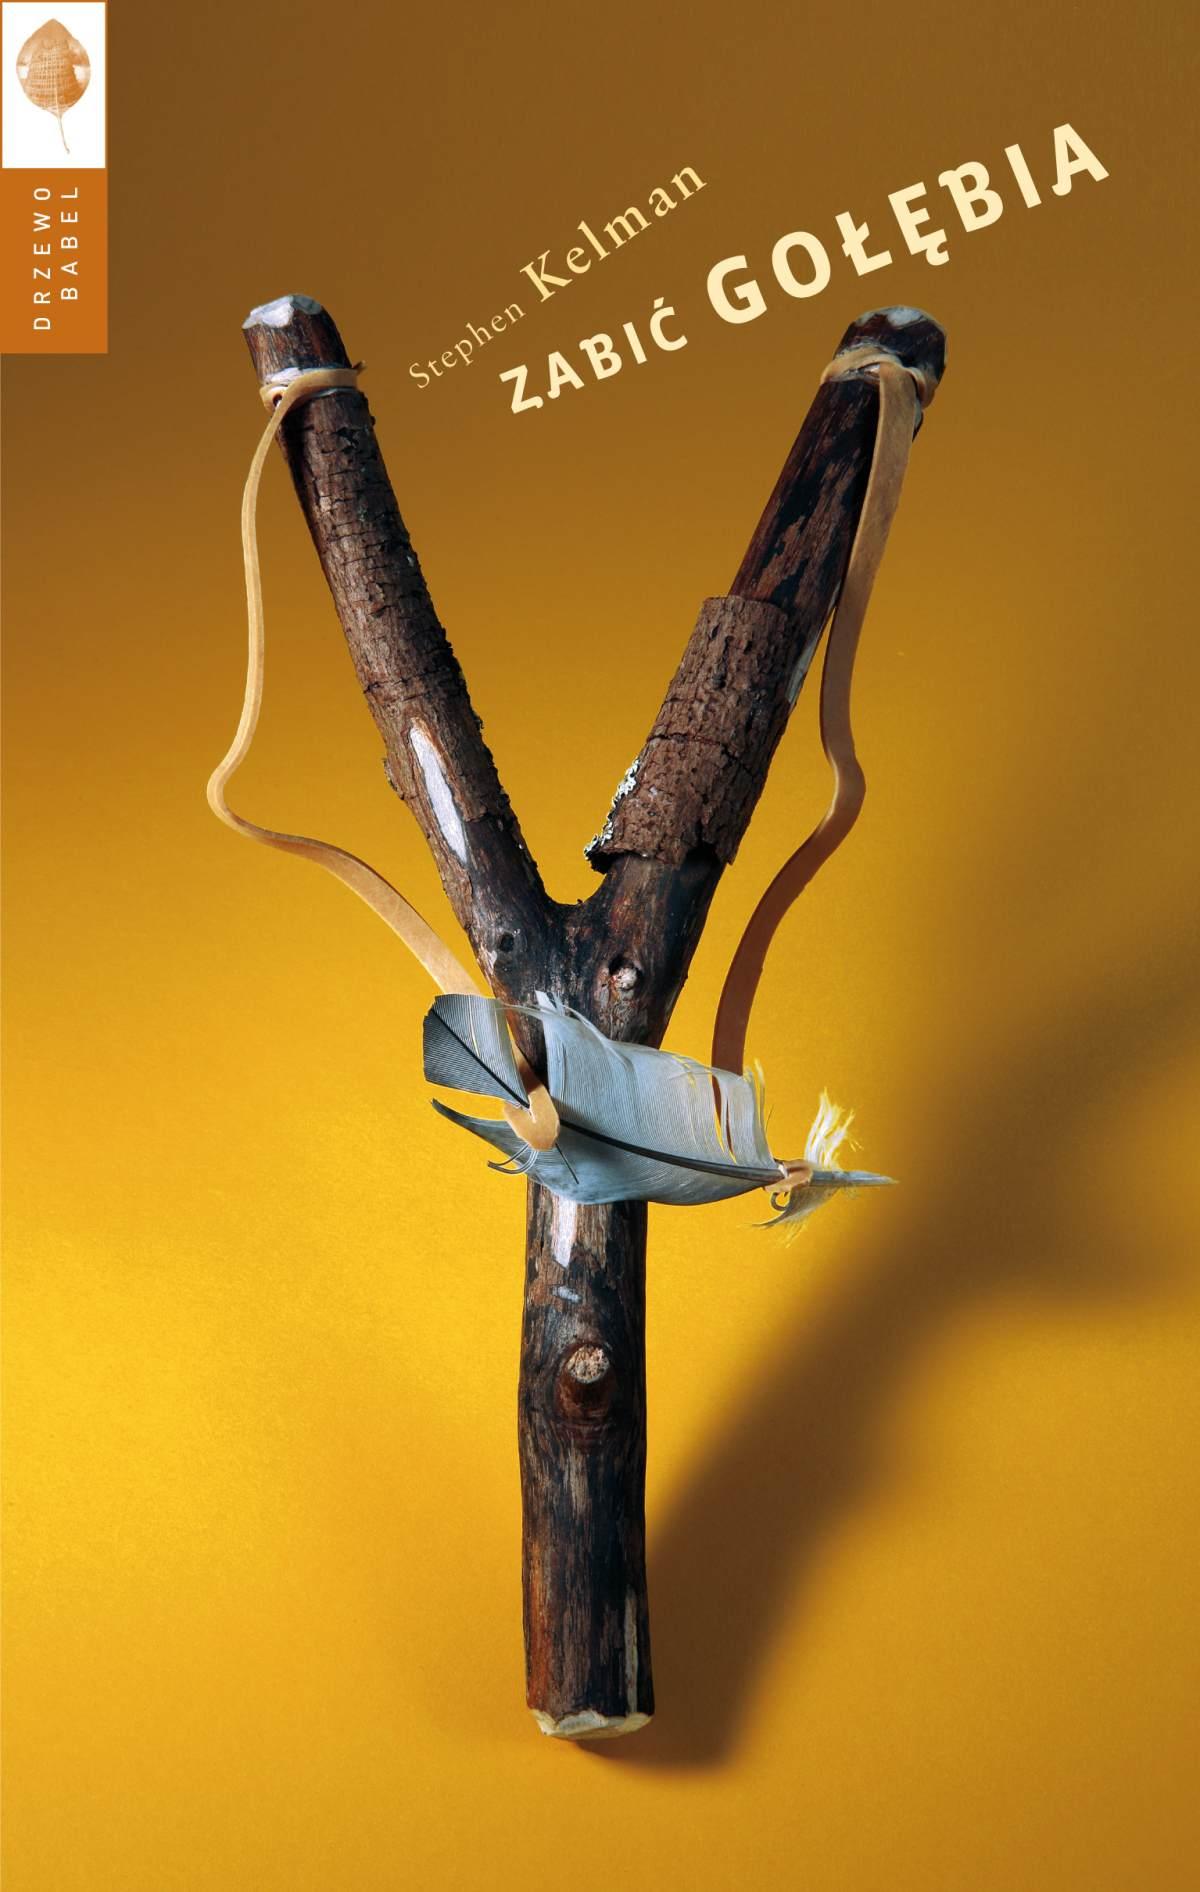 Zabić gołębia - Ebook (Książka na Kindle) do pobrania w formacie MOBI